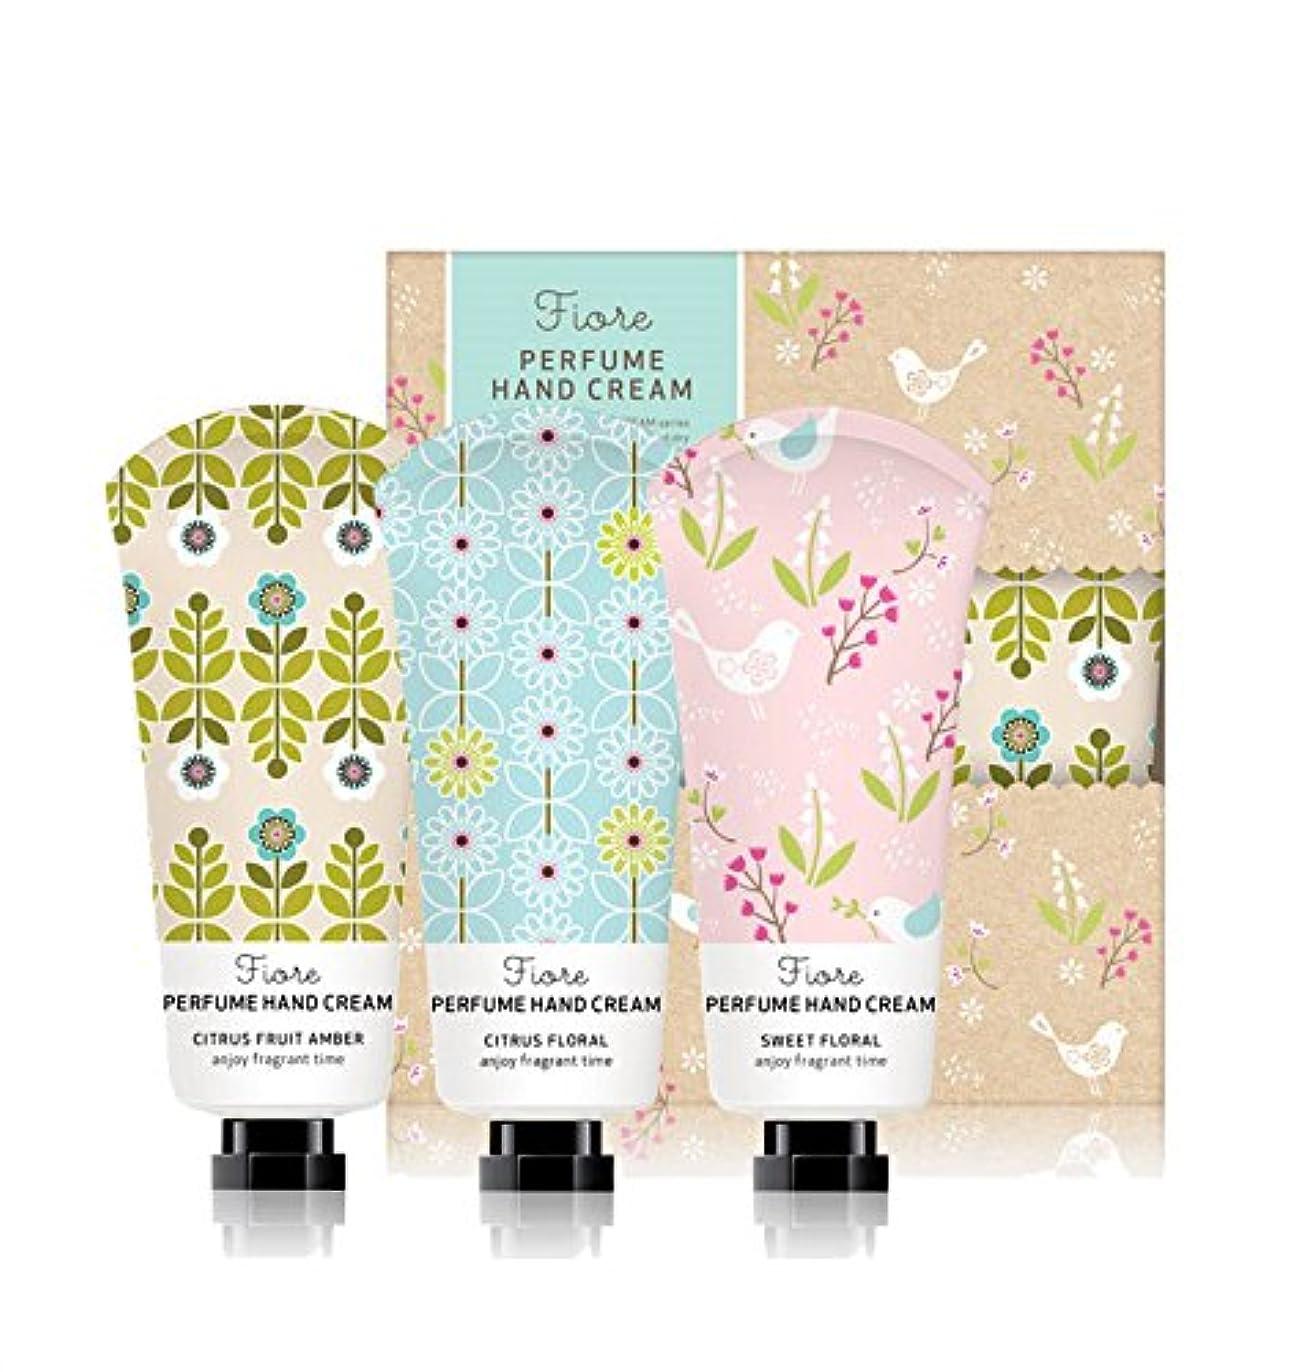 神社分割麦芽[Fiore★ギフト用紙袋贈呈] パフュームハンドクリーム?スペシャルセット 60g x 3個セット / Perfume Hand Cream Specail Set